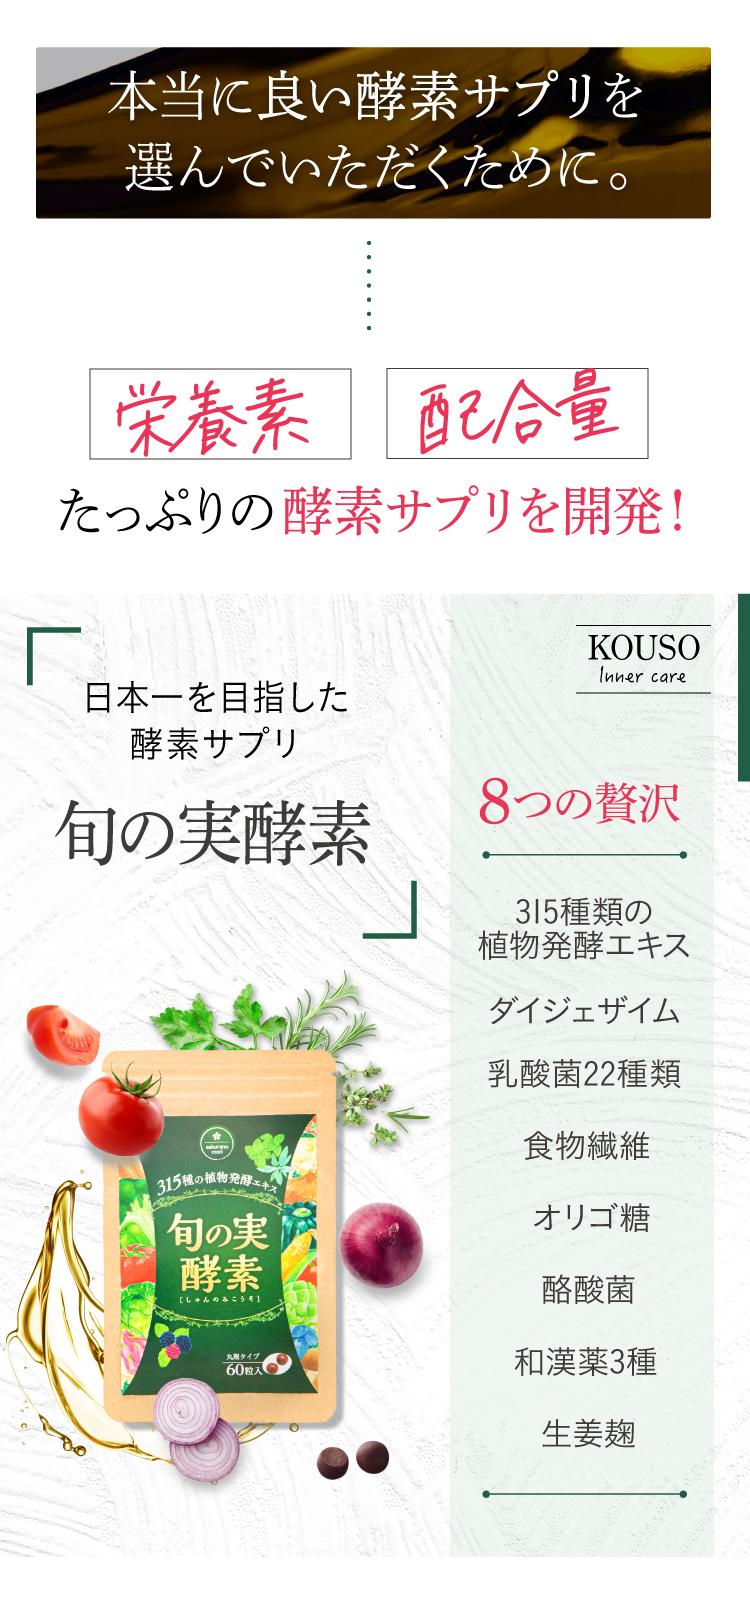 日本一を目指した商品づくりを志す健康食品の会社として日本一を目指した酵素を作りました。妥協をせずにこだわりを貫いた、旬素材を味わえる酵素が出来ました。